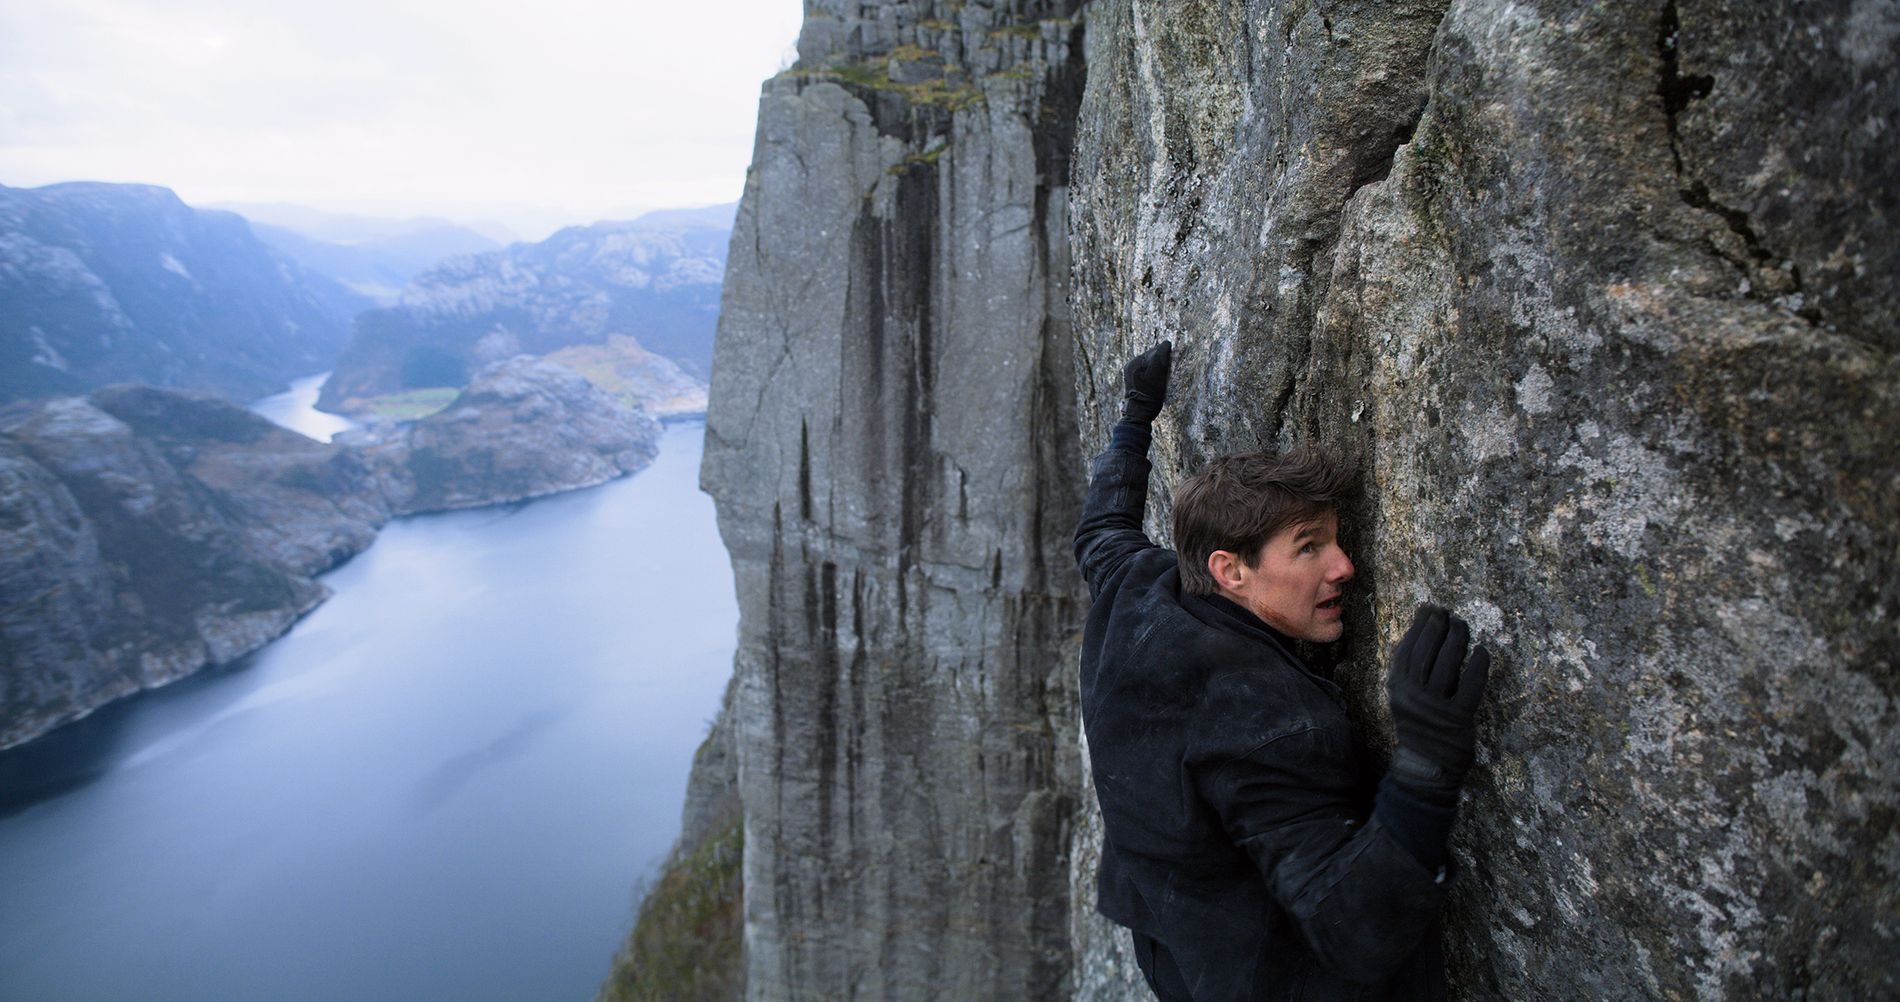 I AKSJON: Tom Cruise slik det ferdige resultatet ser ut i «Mission: Impossible – Fallout».